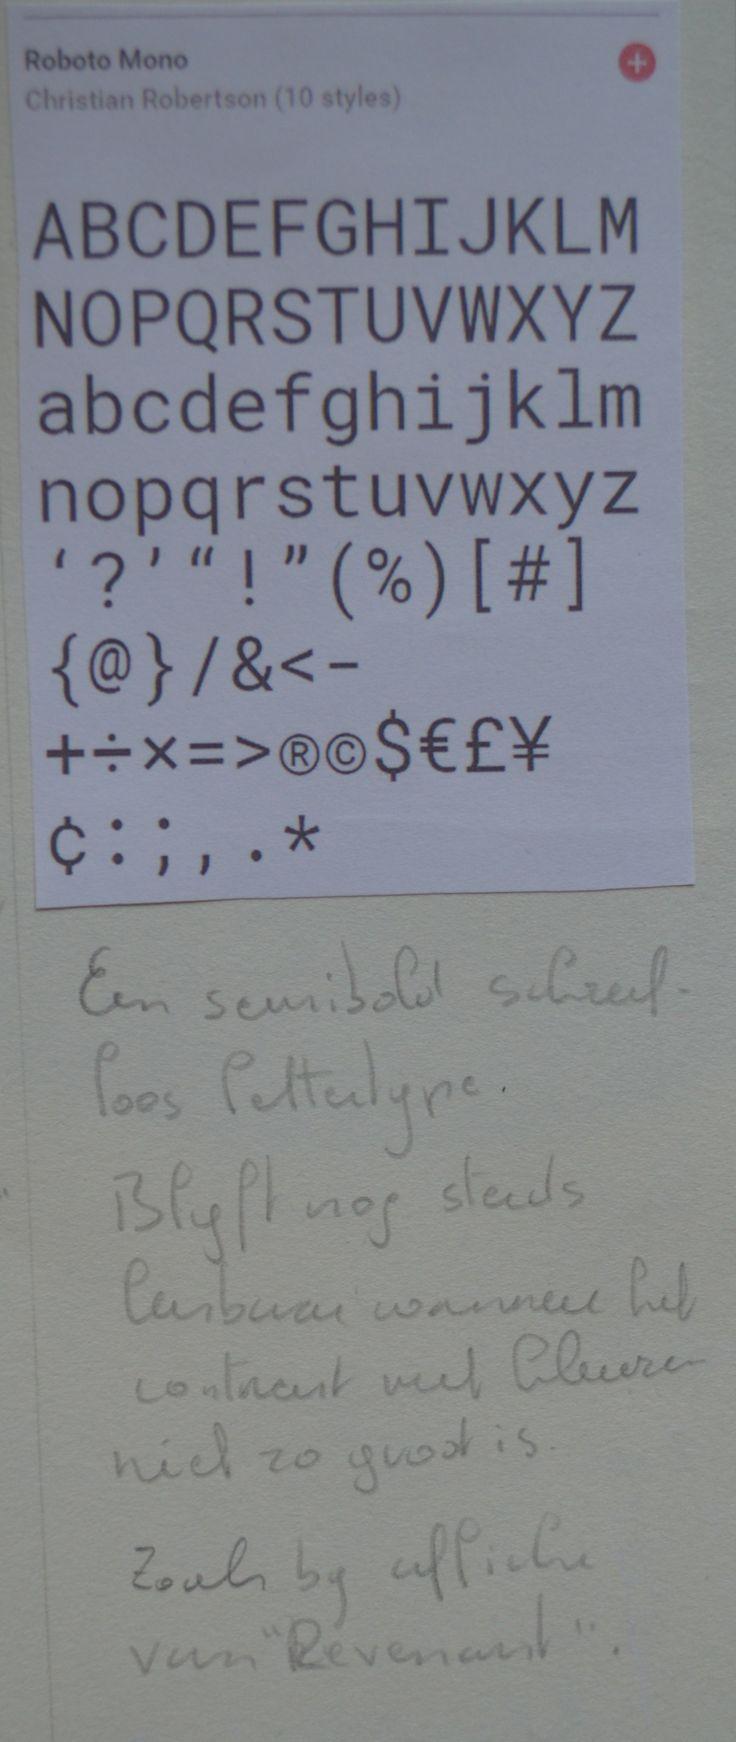 schreefloos lettertype : Roboto Mono Lettertype is niet dun maar ook niet dik. Heeft overal de zelfde dikte.